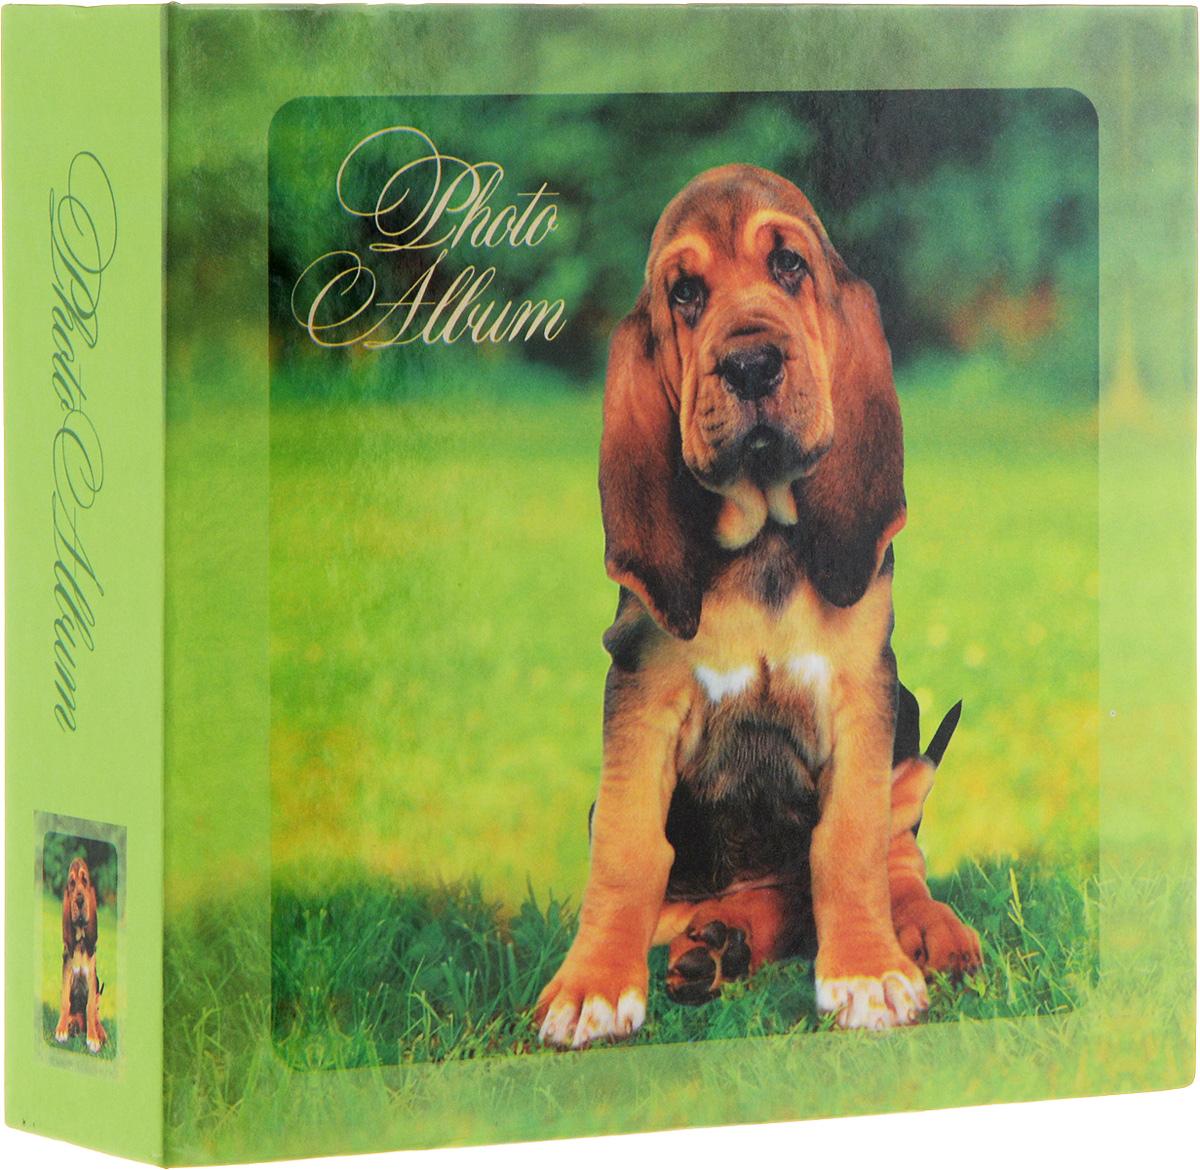 Фотоальбом Pioneer Dogs, 100 фотографий, 10 см х 15 см25571 LM-4R100CPPMФотоальбом Pioneer Dogs поможет красиво оформить ваши фотографии. Обложка, выполненная из толстого картона, оформлена ярким изображением собаки. Внутри содержится блок из 50 белых листов с фиксаторами-окошками из полипропилена. Альбом рассчитан на 100 фотографий формата 10 см х 15 см (по 1 фотографии на странице). Переплет - книжный. Нам всегда так приятно вспоминать о самых счастливых моментах жизни, запечатленных на фотографиях. Поэтому фотоальбом является универсальным подарком к любому празднику.Количество листов: 50.